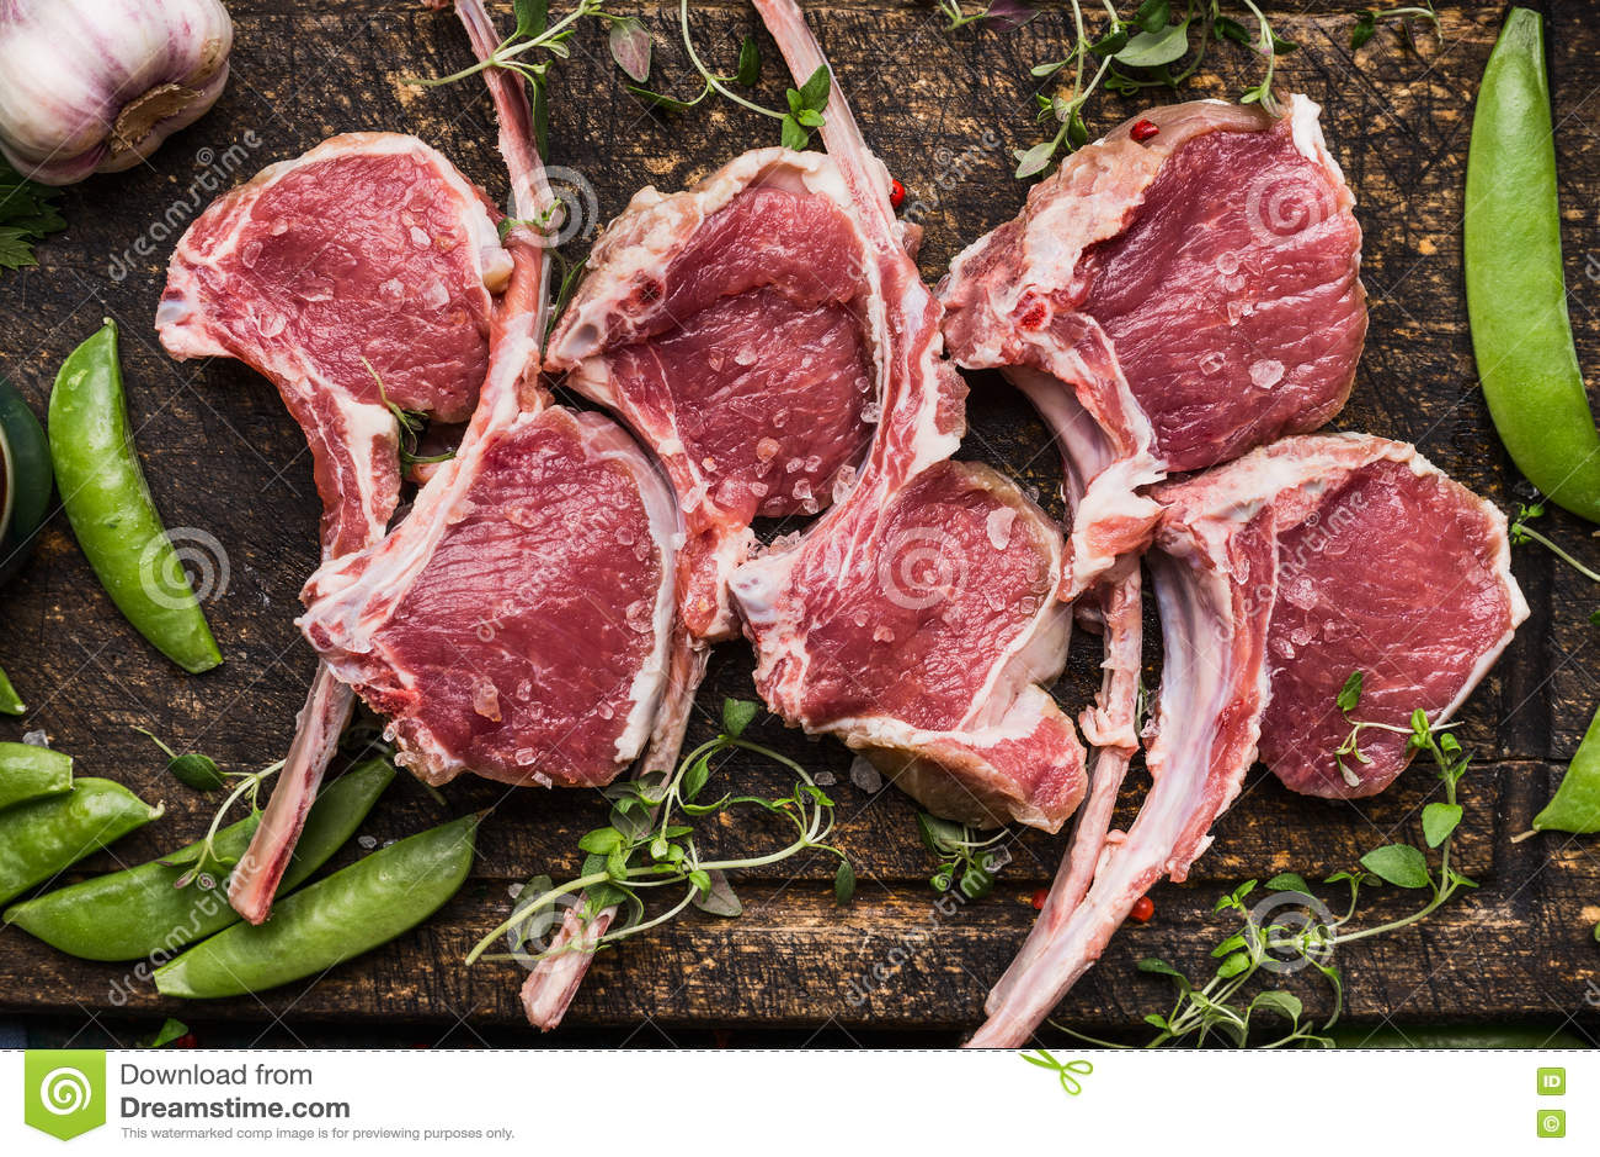 Lammkarree des rohen Fleisches und grüne Erbse auf dunklem hölzernem Hintergrund, Draufsicht